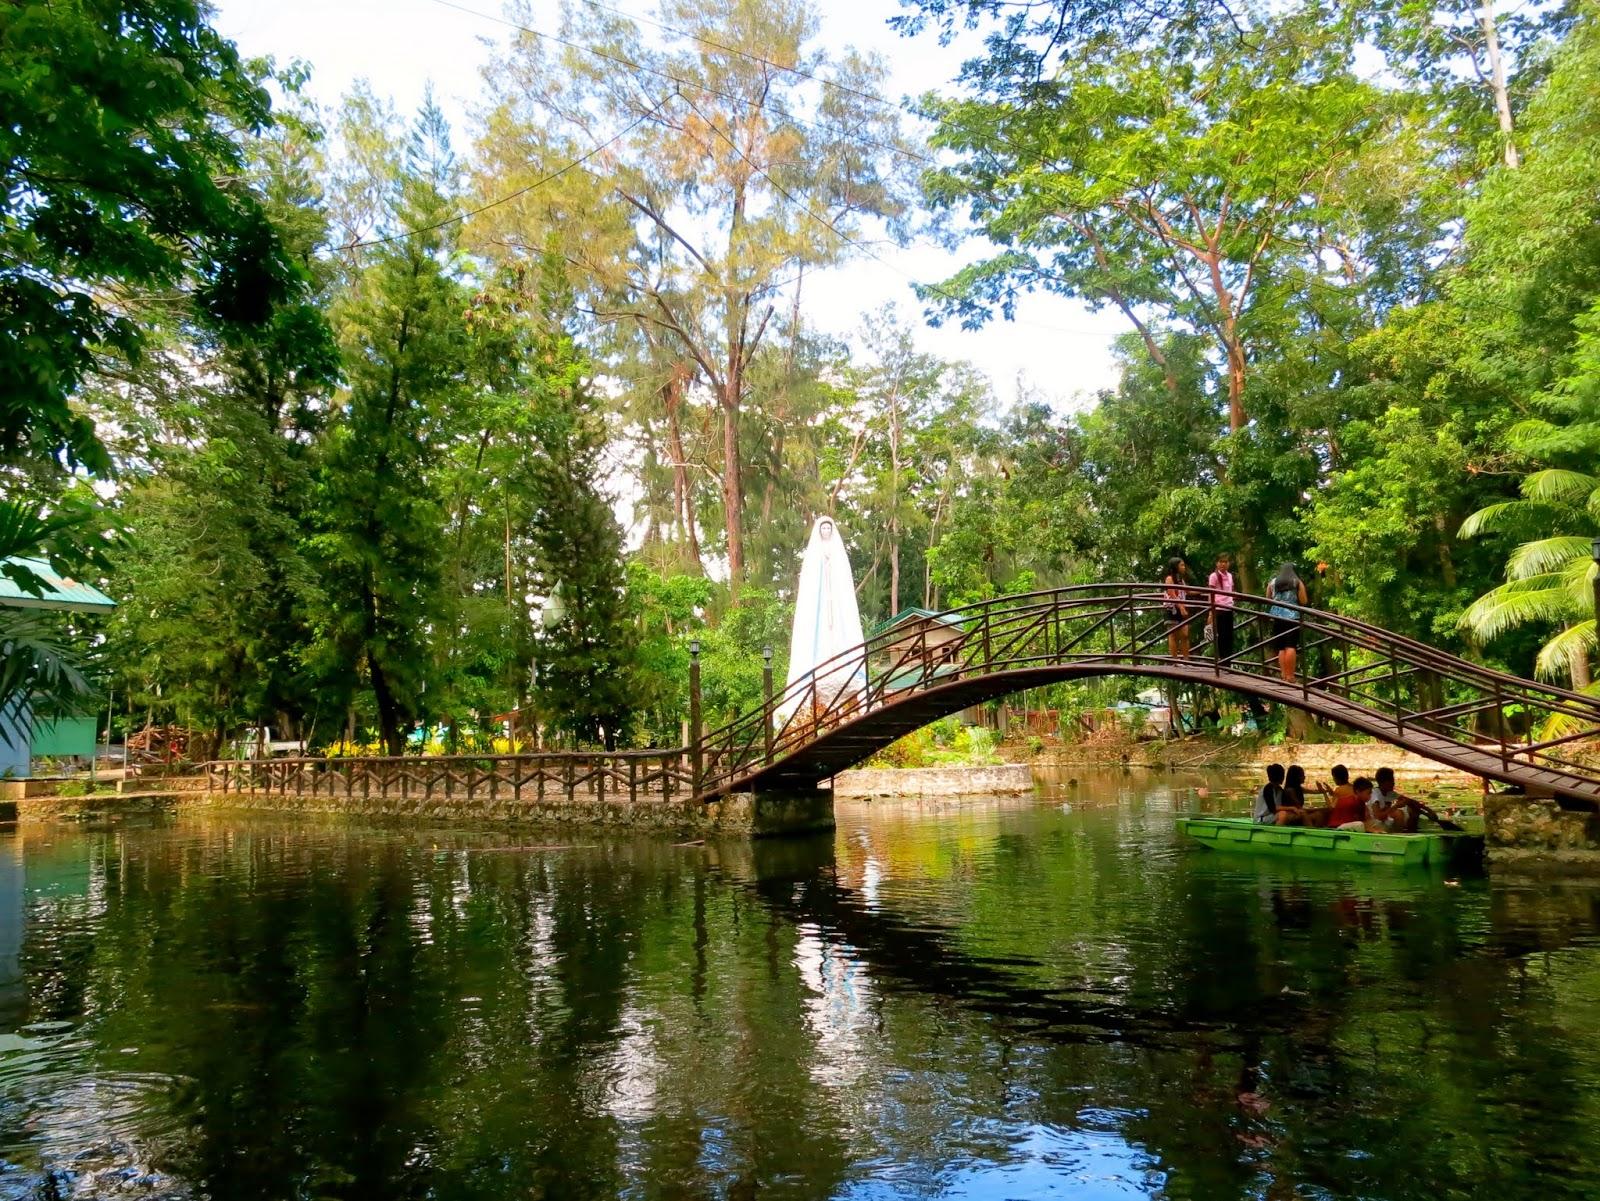 Argao Nature Park - Argao, Cebu